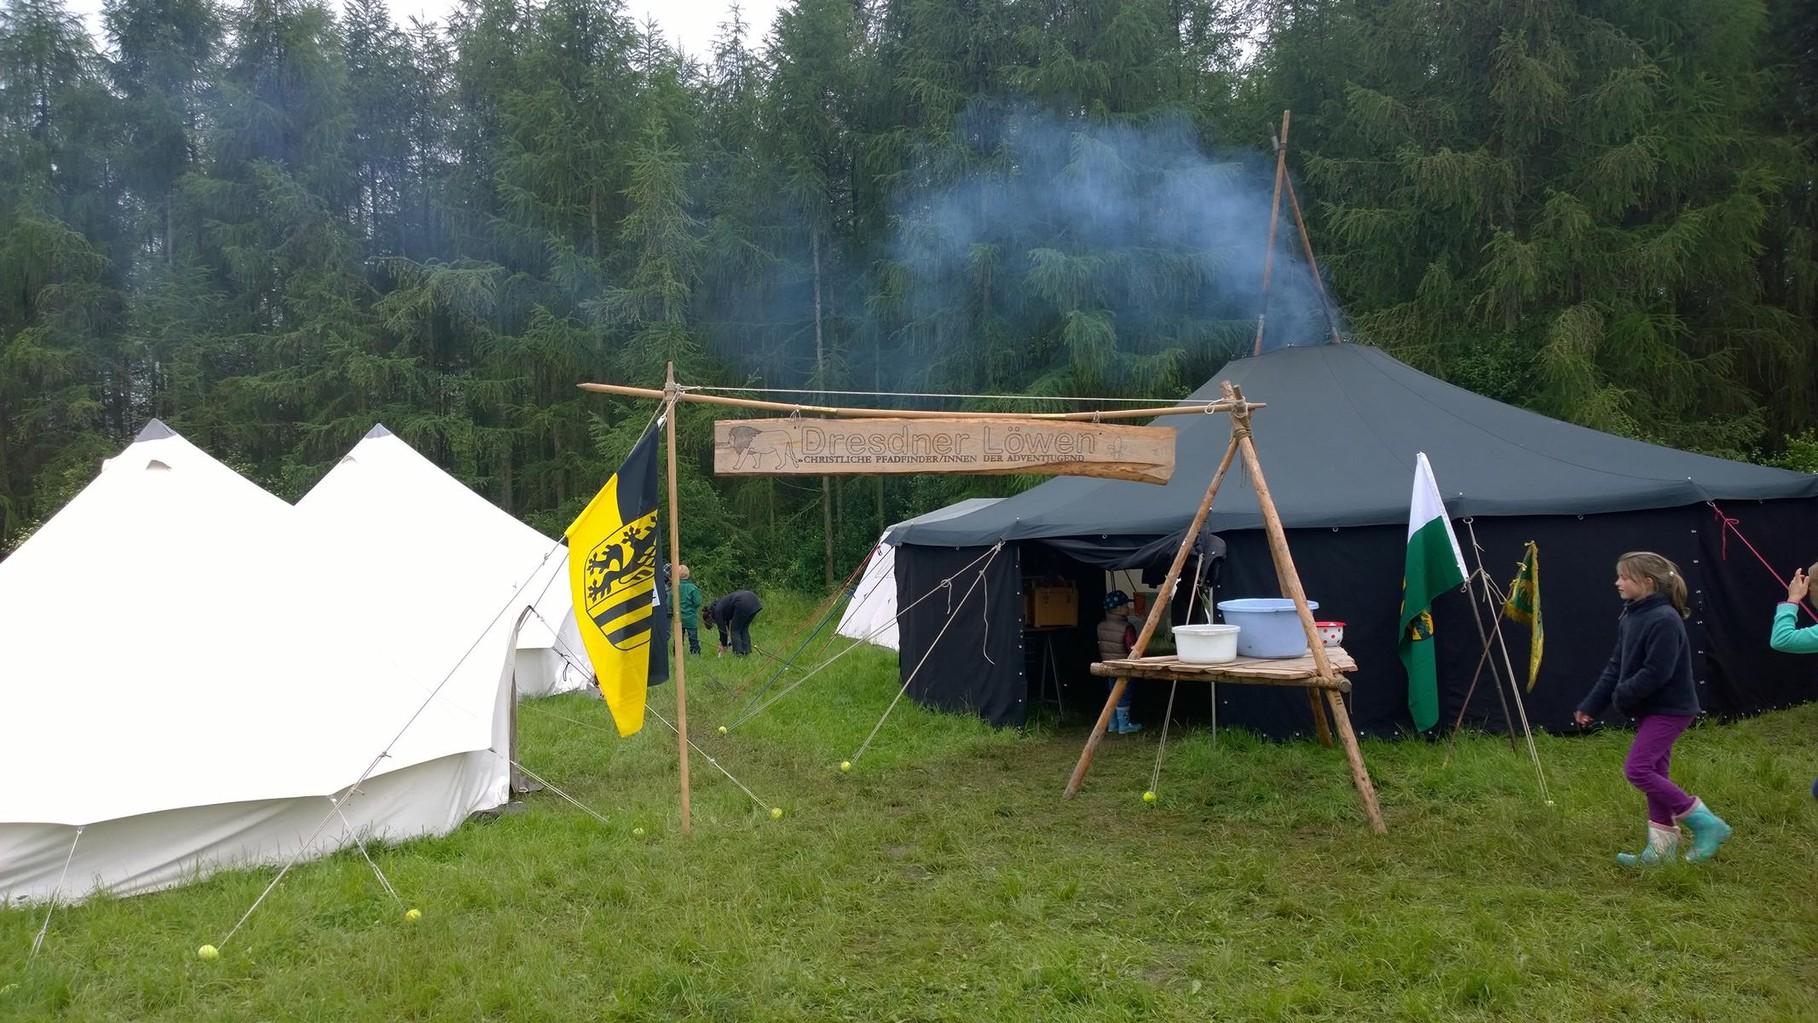 Himmelfahrtslager am Mondsee - unser Lager